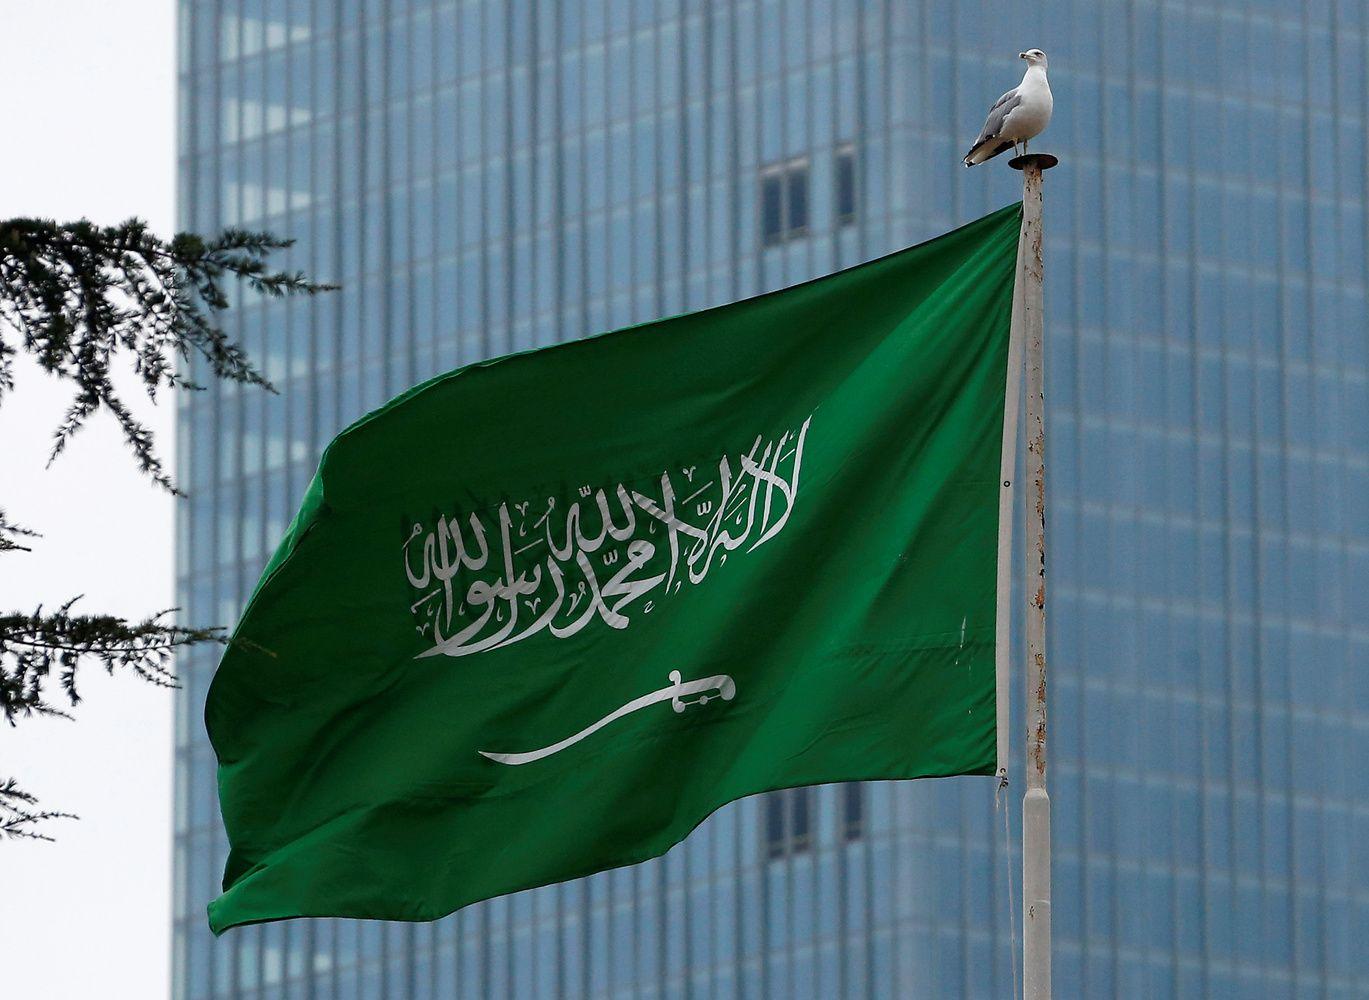 Saudo Arabija: žurnalisto nužudymas buvo planuotas